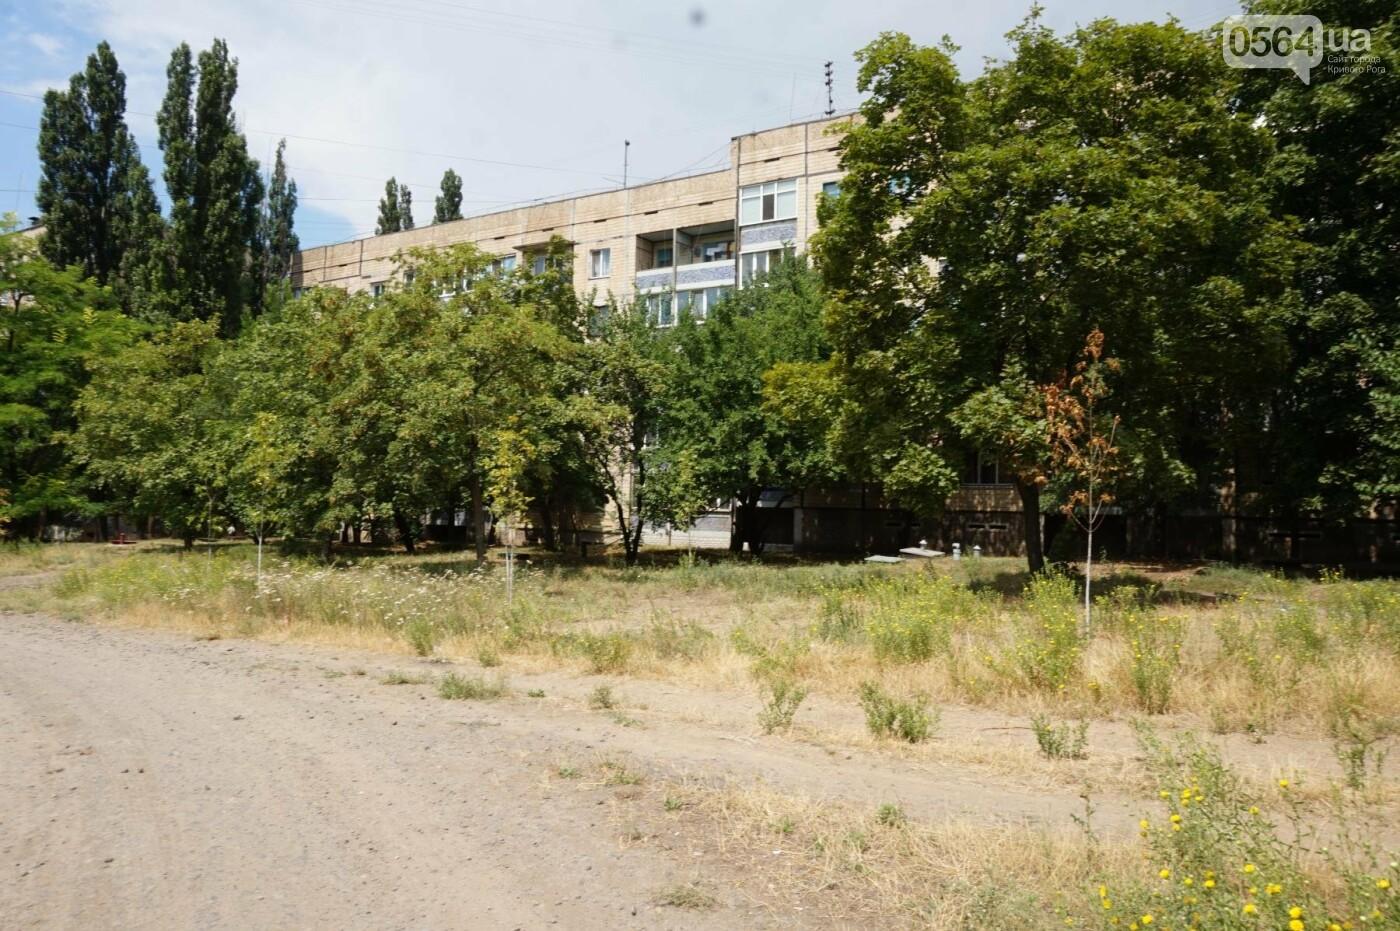 """""""Поле чудес"""": криворожане не могут добиться помощи властей, чтобы снести незаконные постройки и создать сквер, - ФОТО, фото-33"""